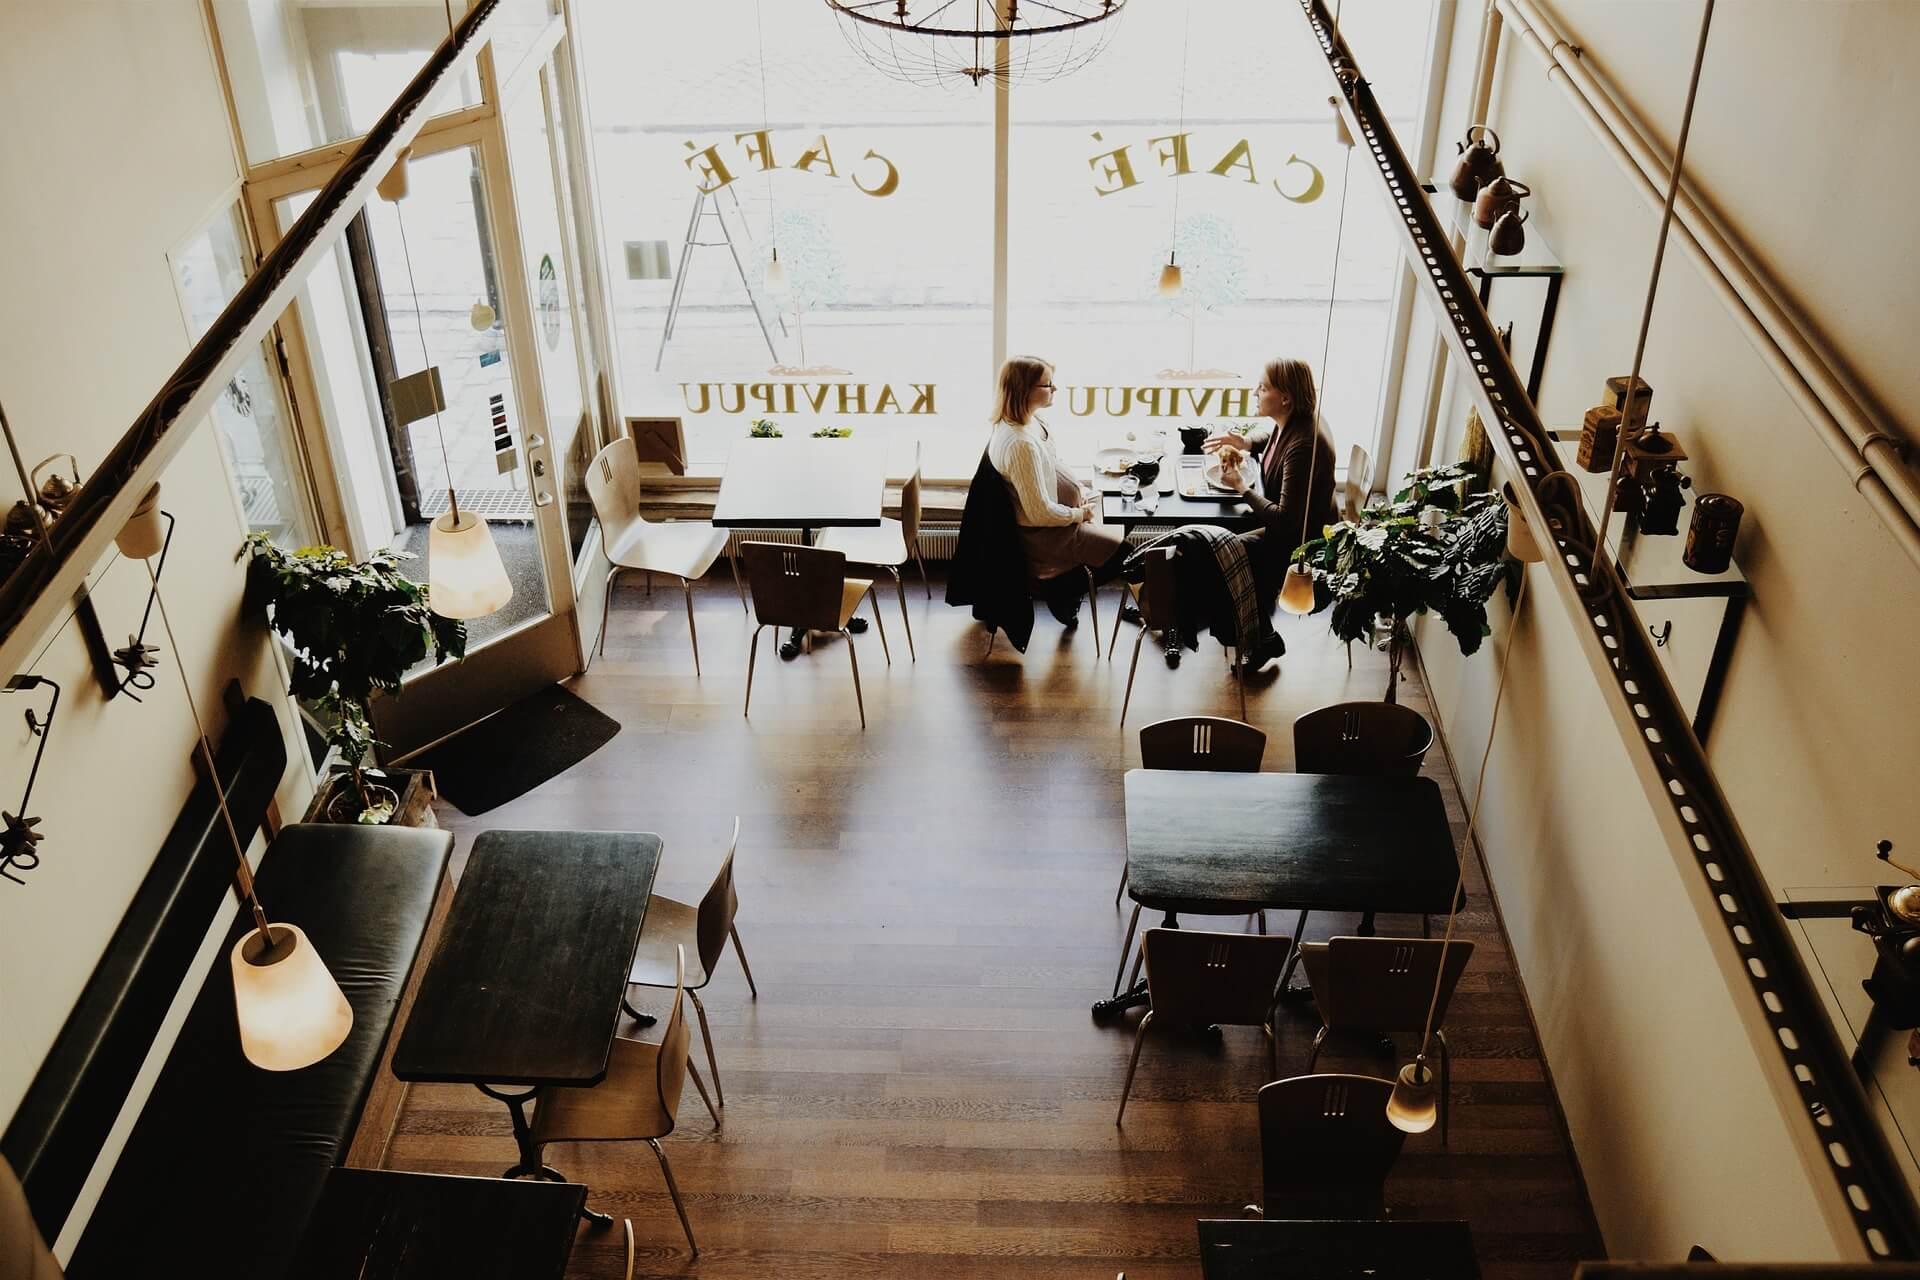 Geschäftsinhaltsversicherung für Gastronomie & Hotellerie